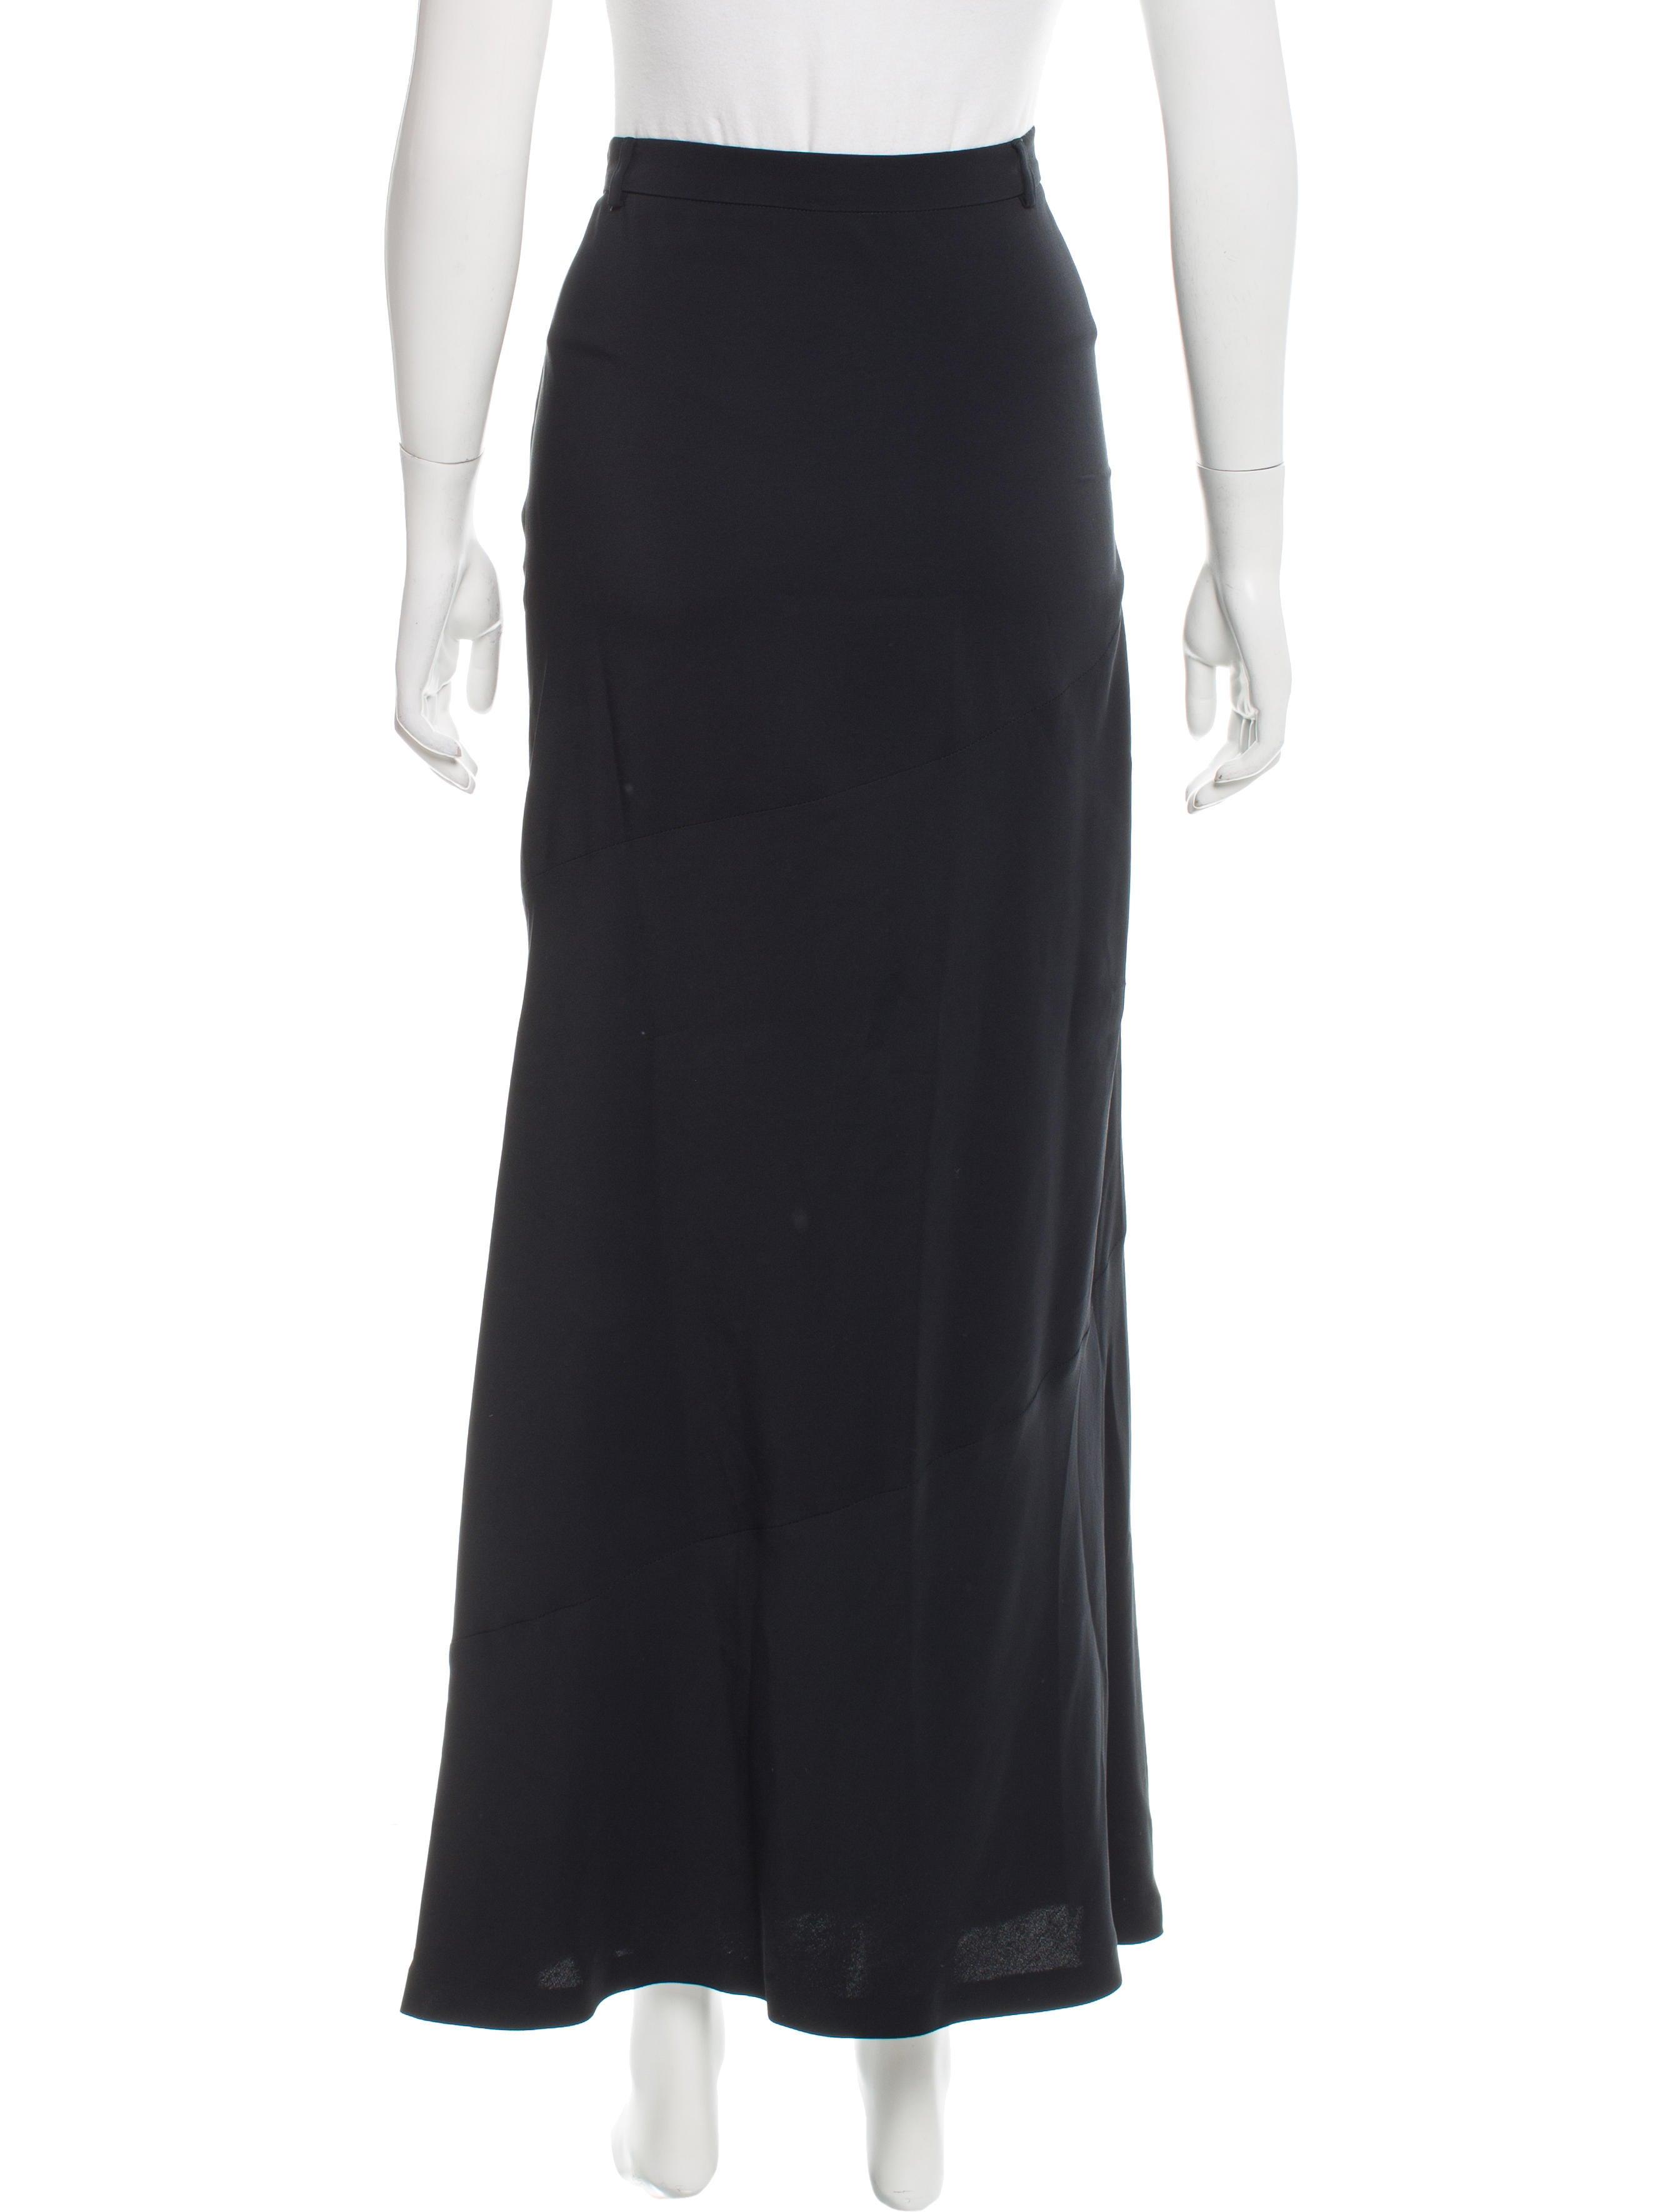 3387d1c4cc2 Gucci Woven Maxi Skirt - Clothing - GUC139847